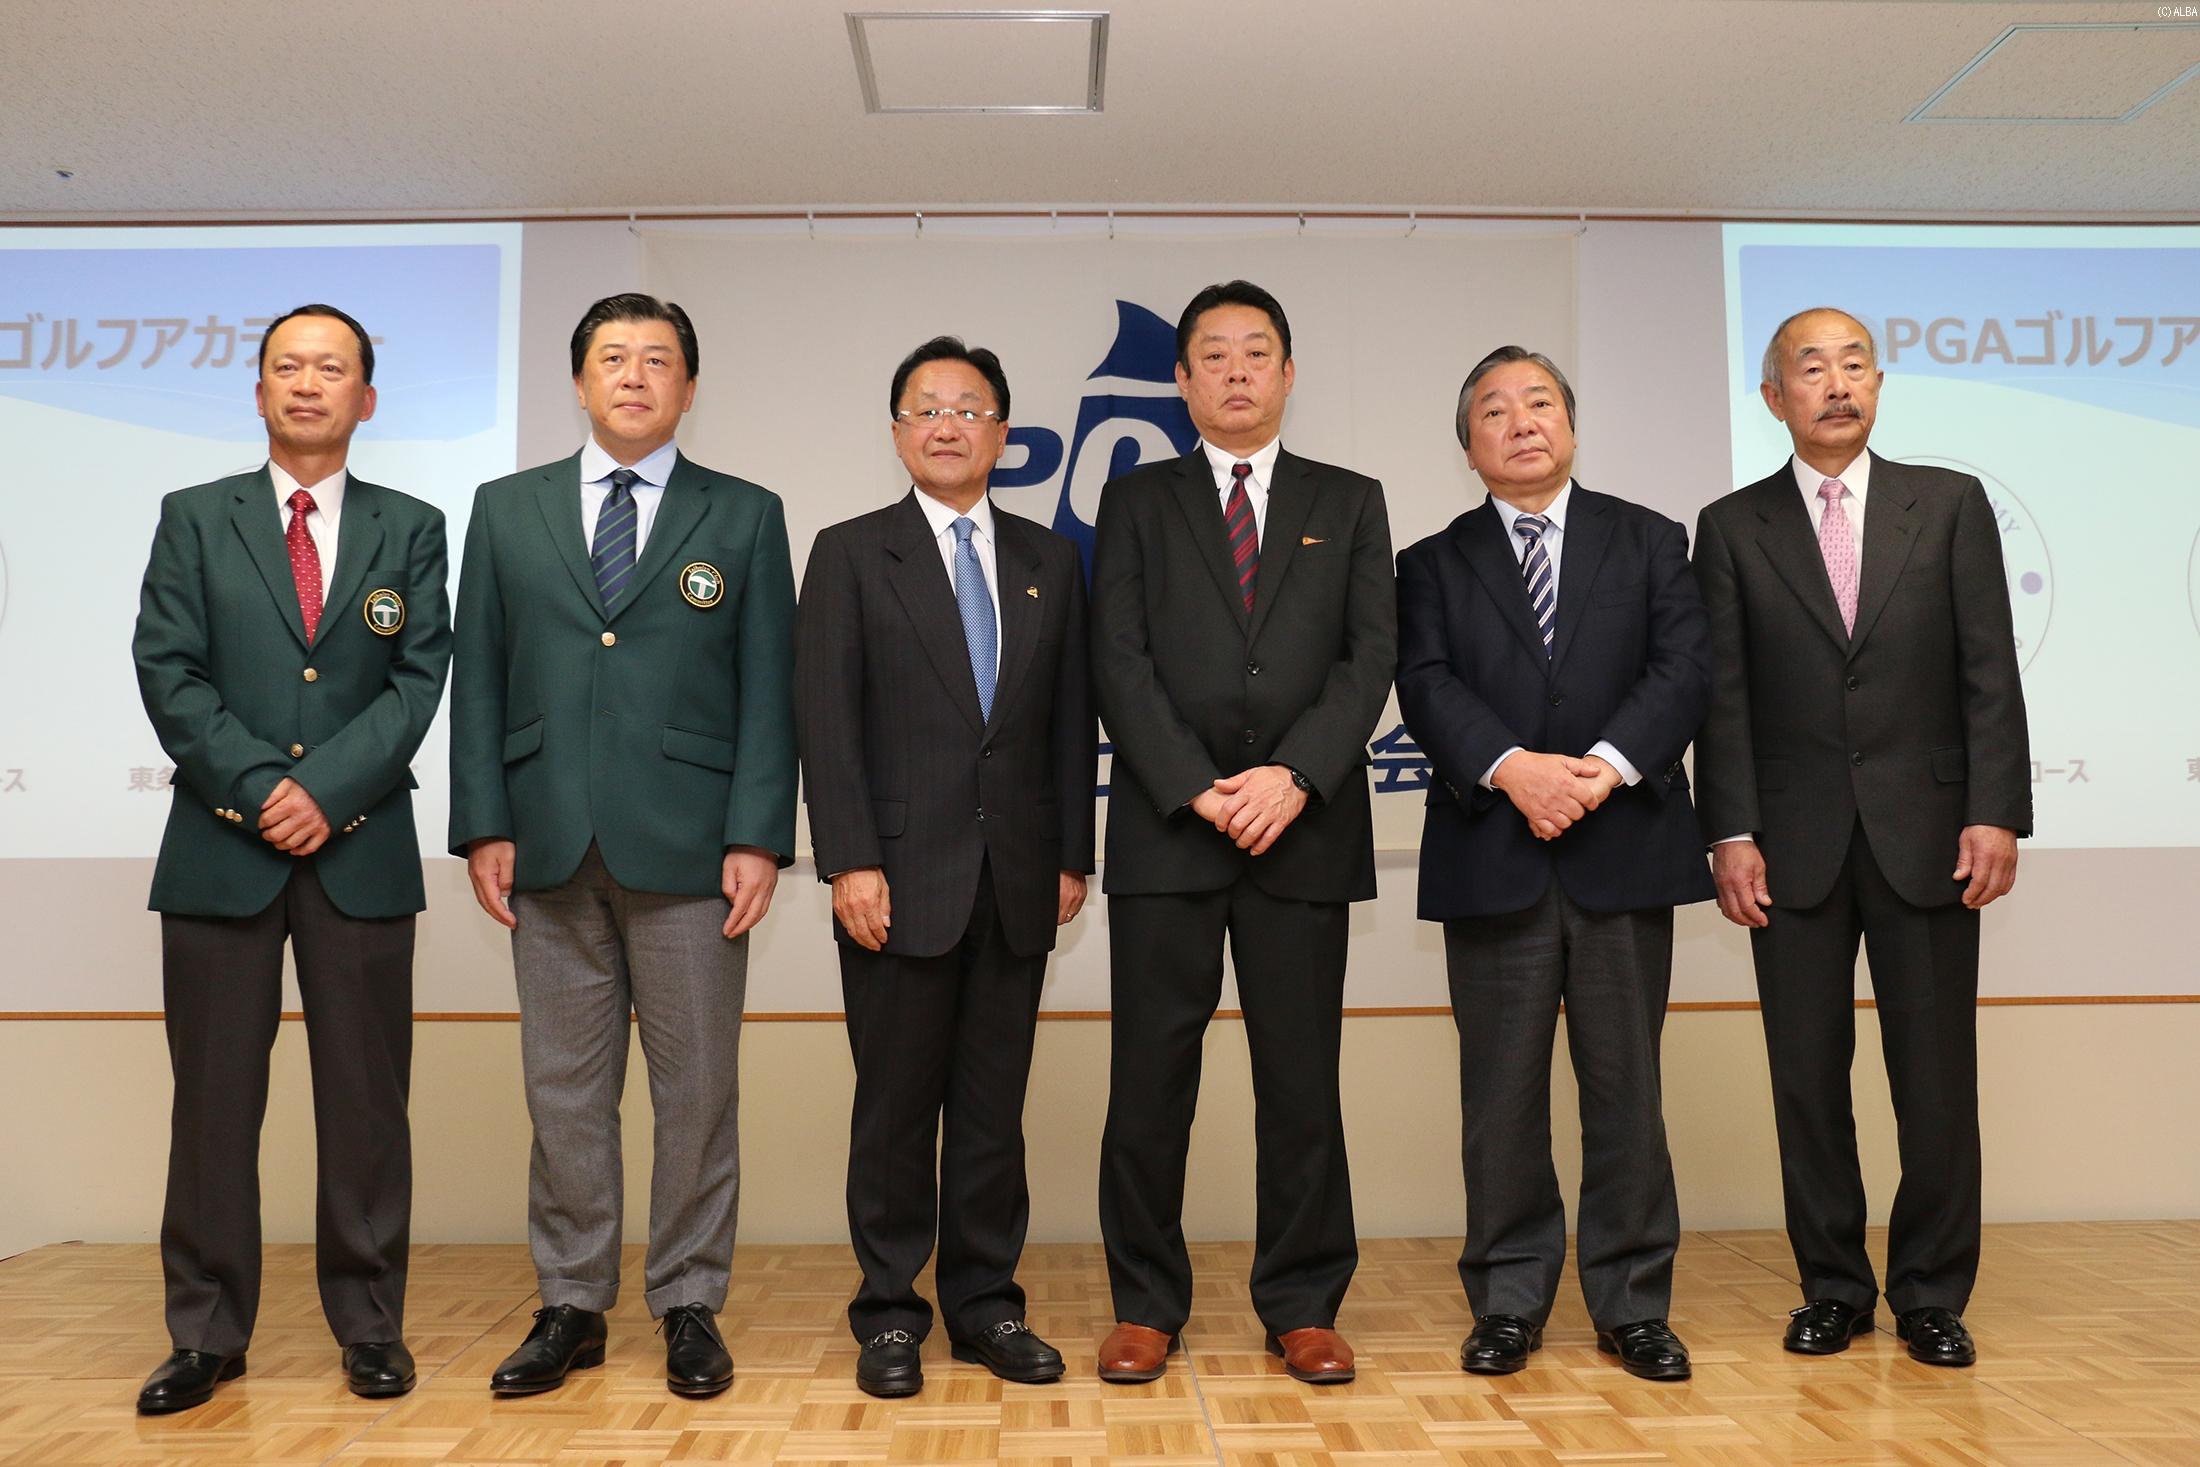 日本プロゴルフ協会がPGAゴルフアカデミーの設立を発表